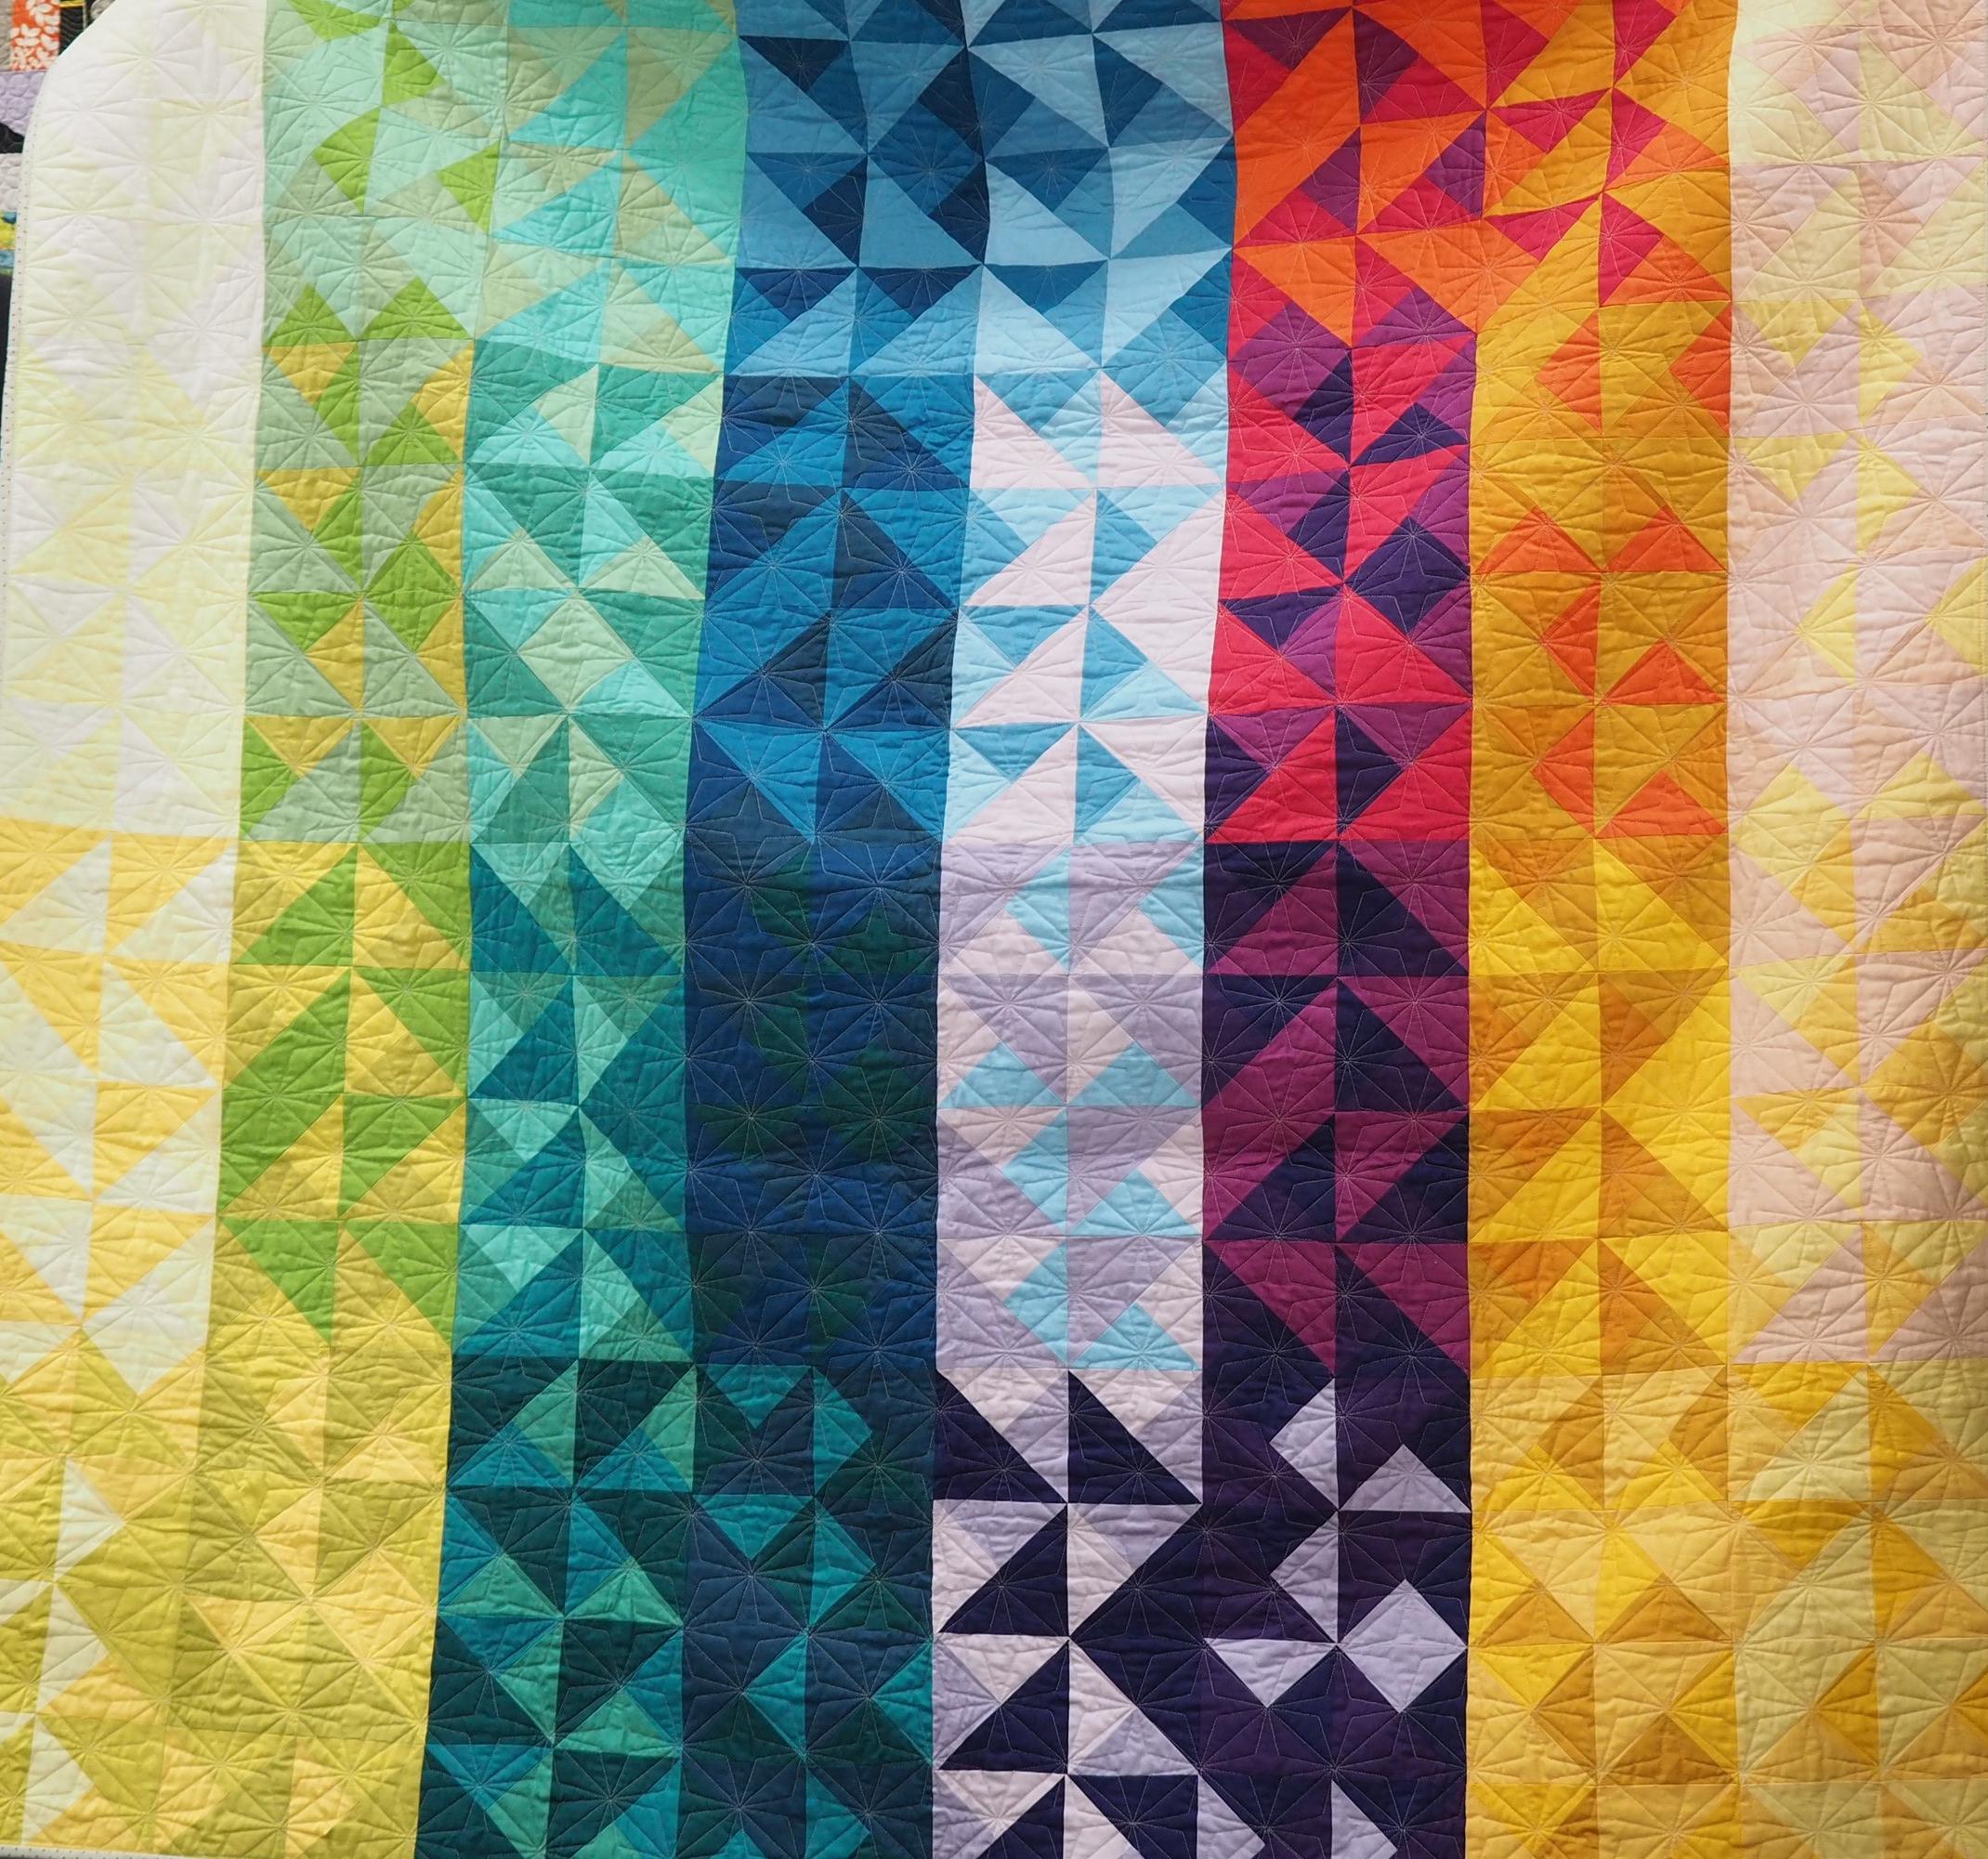 Spectrum by Meghan Buchanan